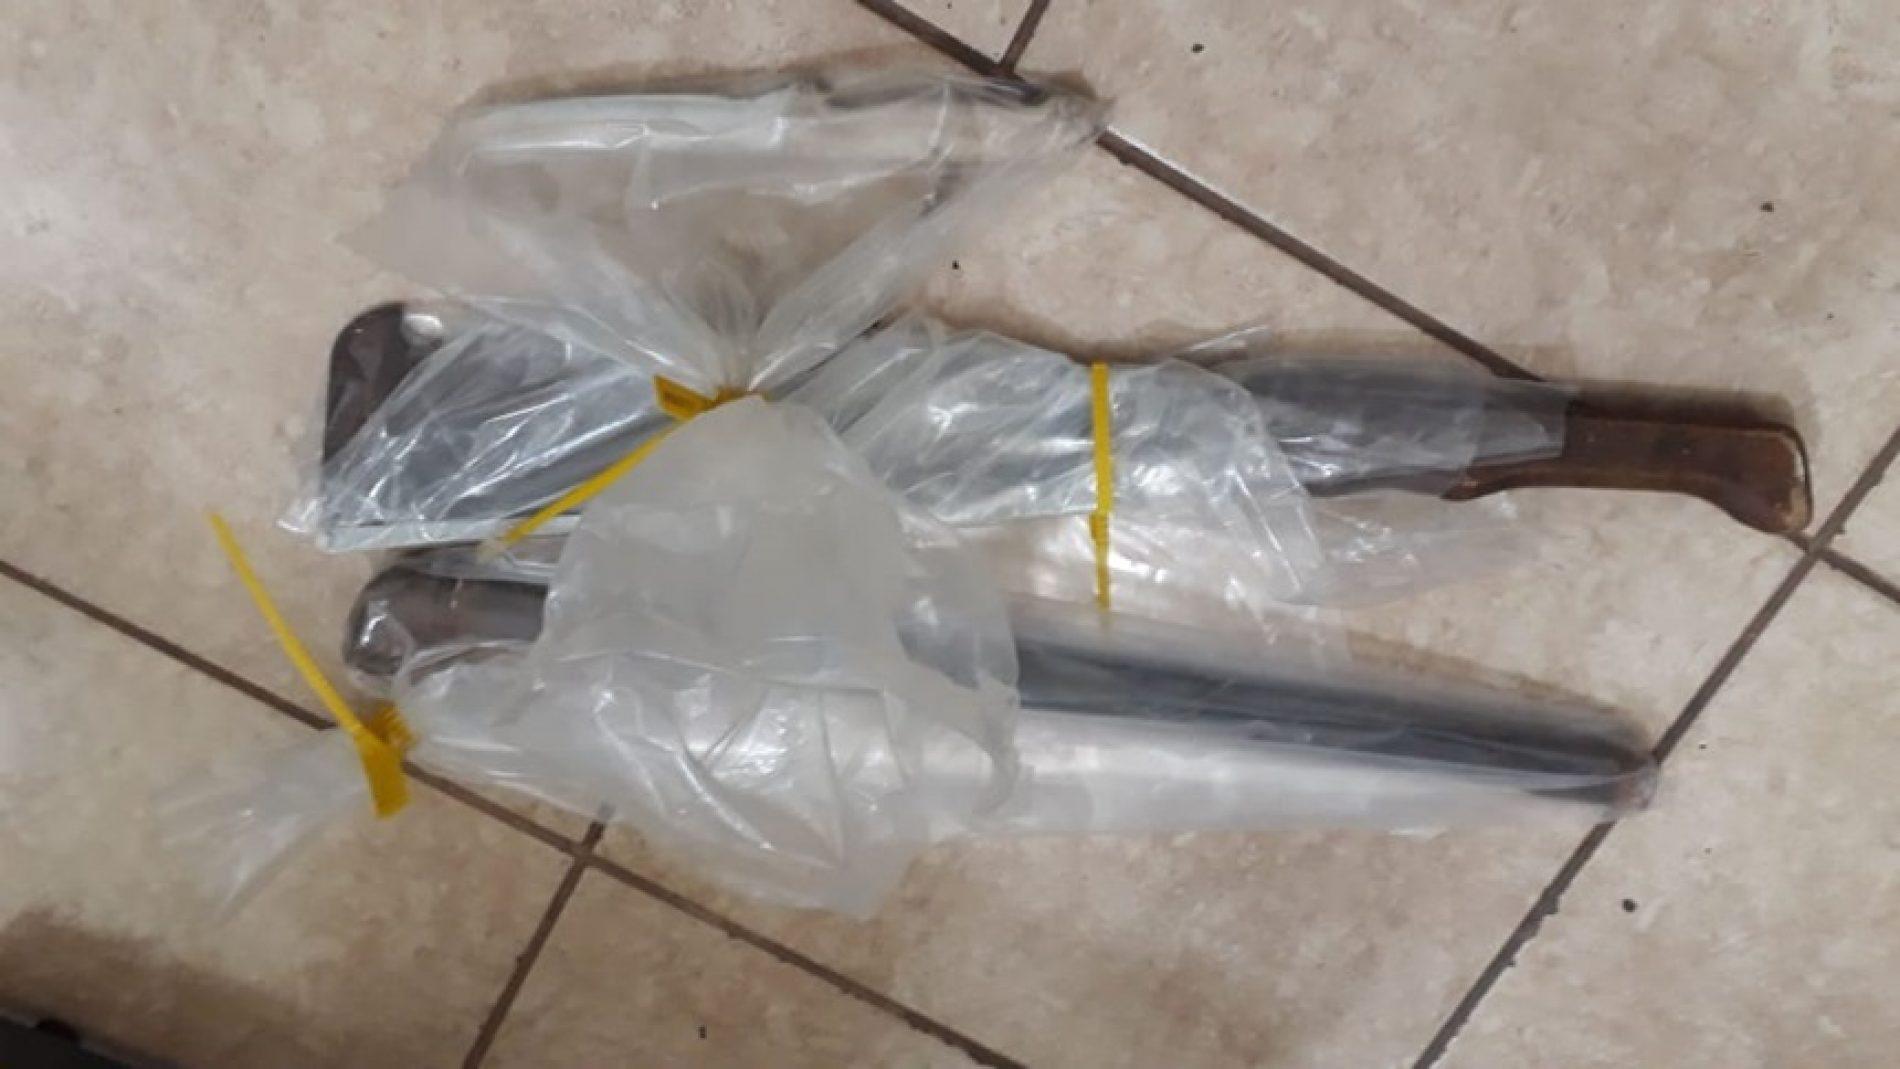 OLÍMPIA: Homem tenta matar a mãe com podão, faca e cano.